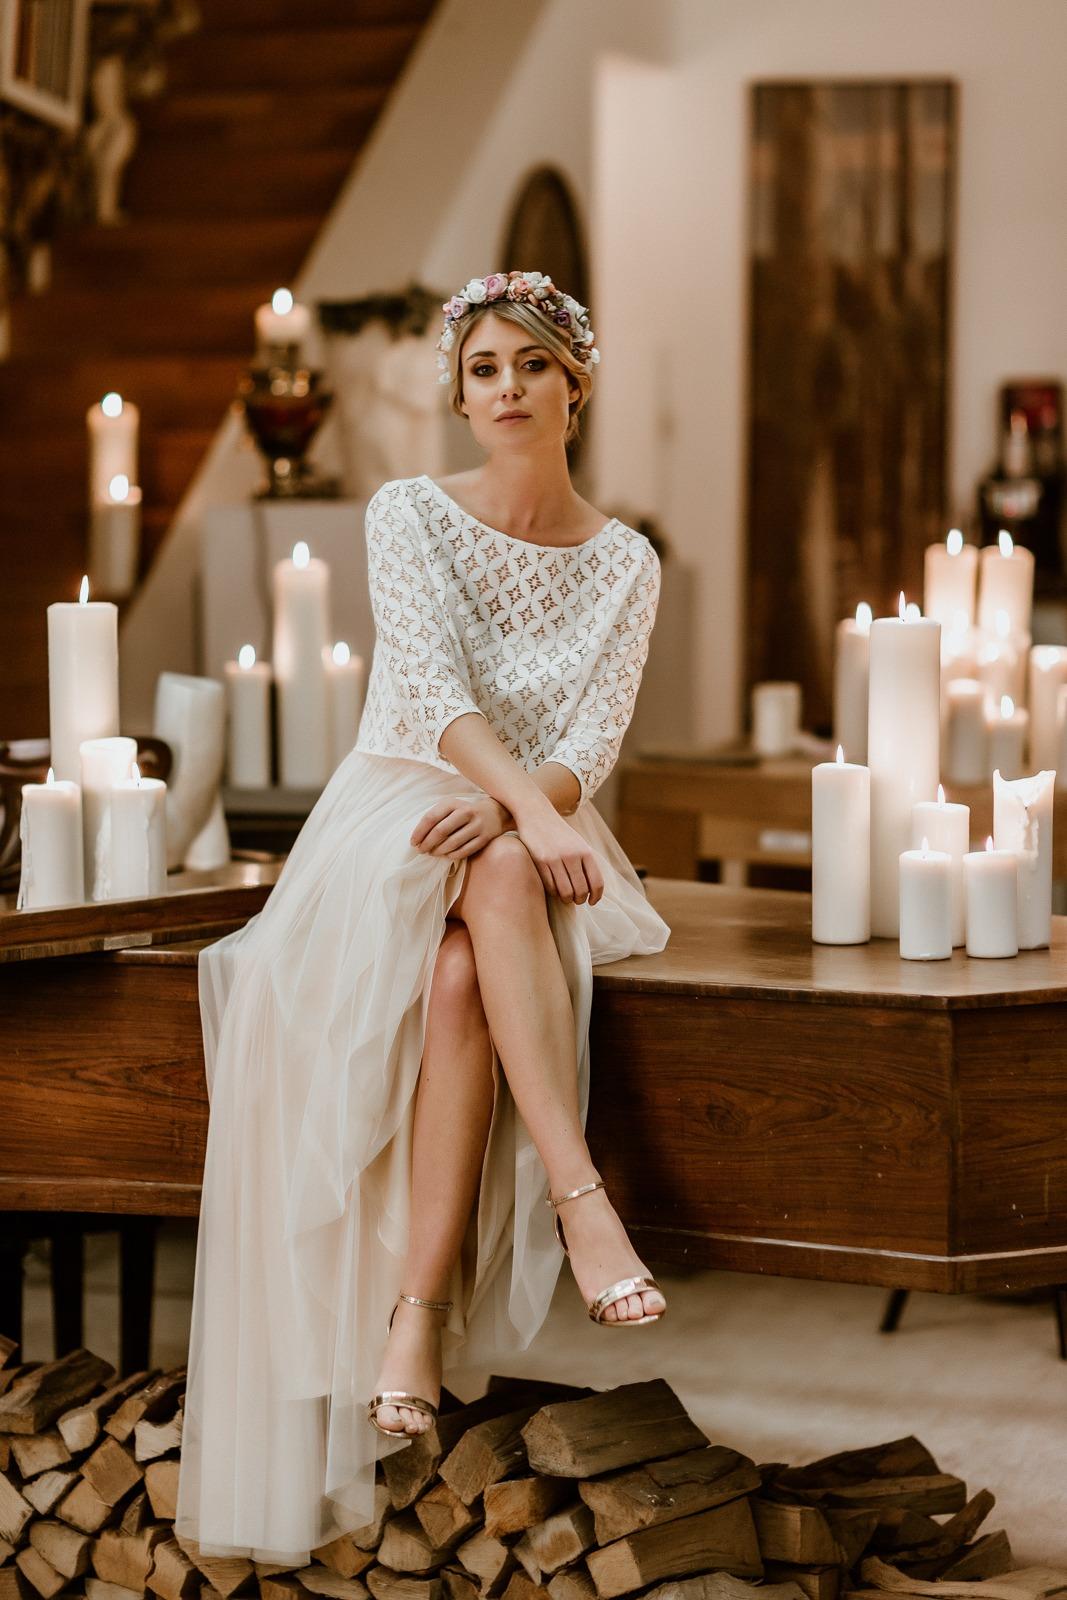 langes Brautkleid mit Tüllrock in Puderrosa und Spitzentop, Ganzkörperansicht, Modell sitzend